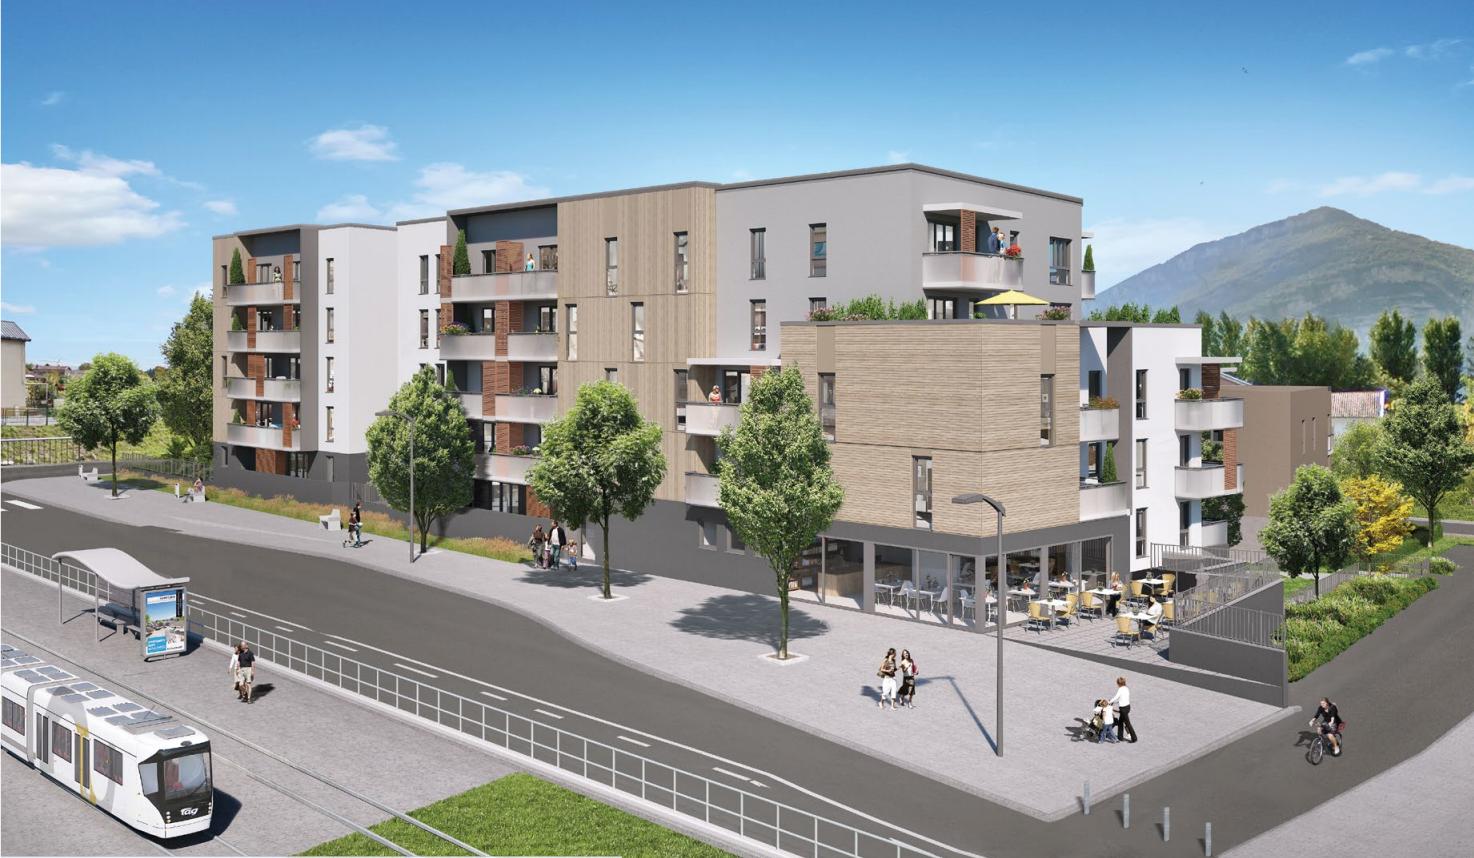 Programme immobilier Saint-Egrève (38120) Au cœur de Saint-Egrève EUR20